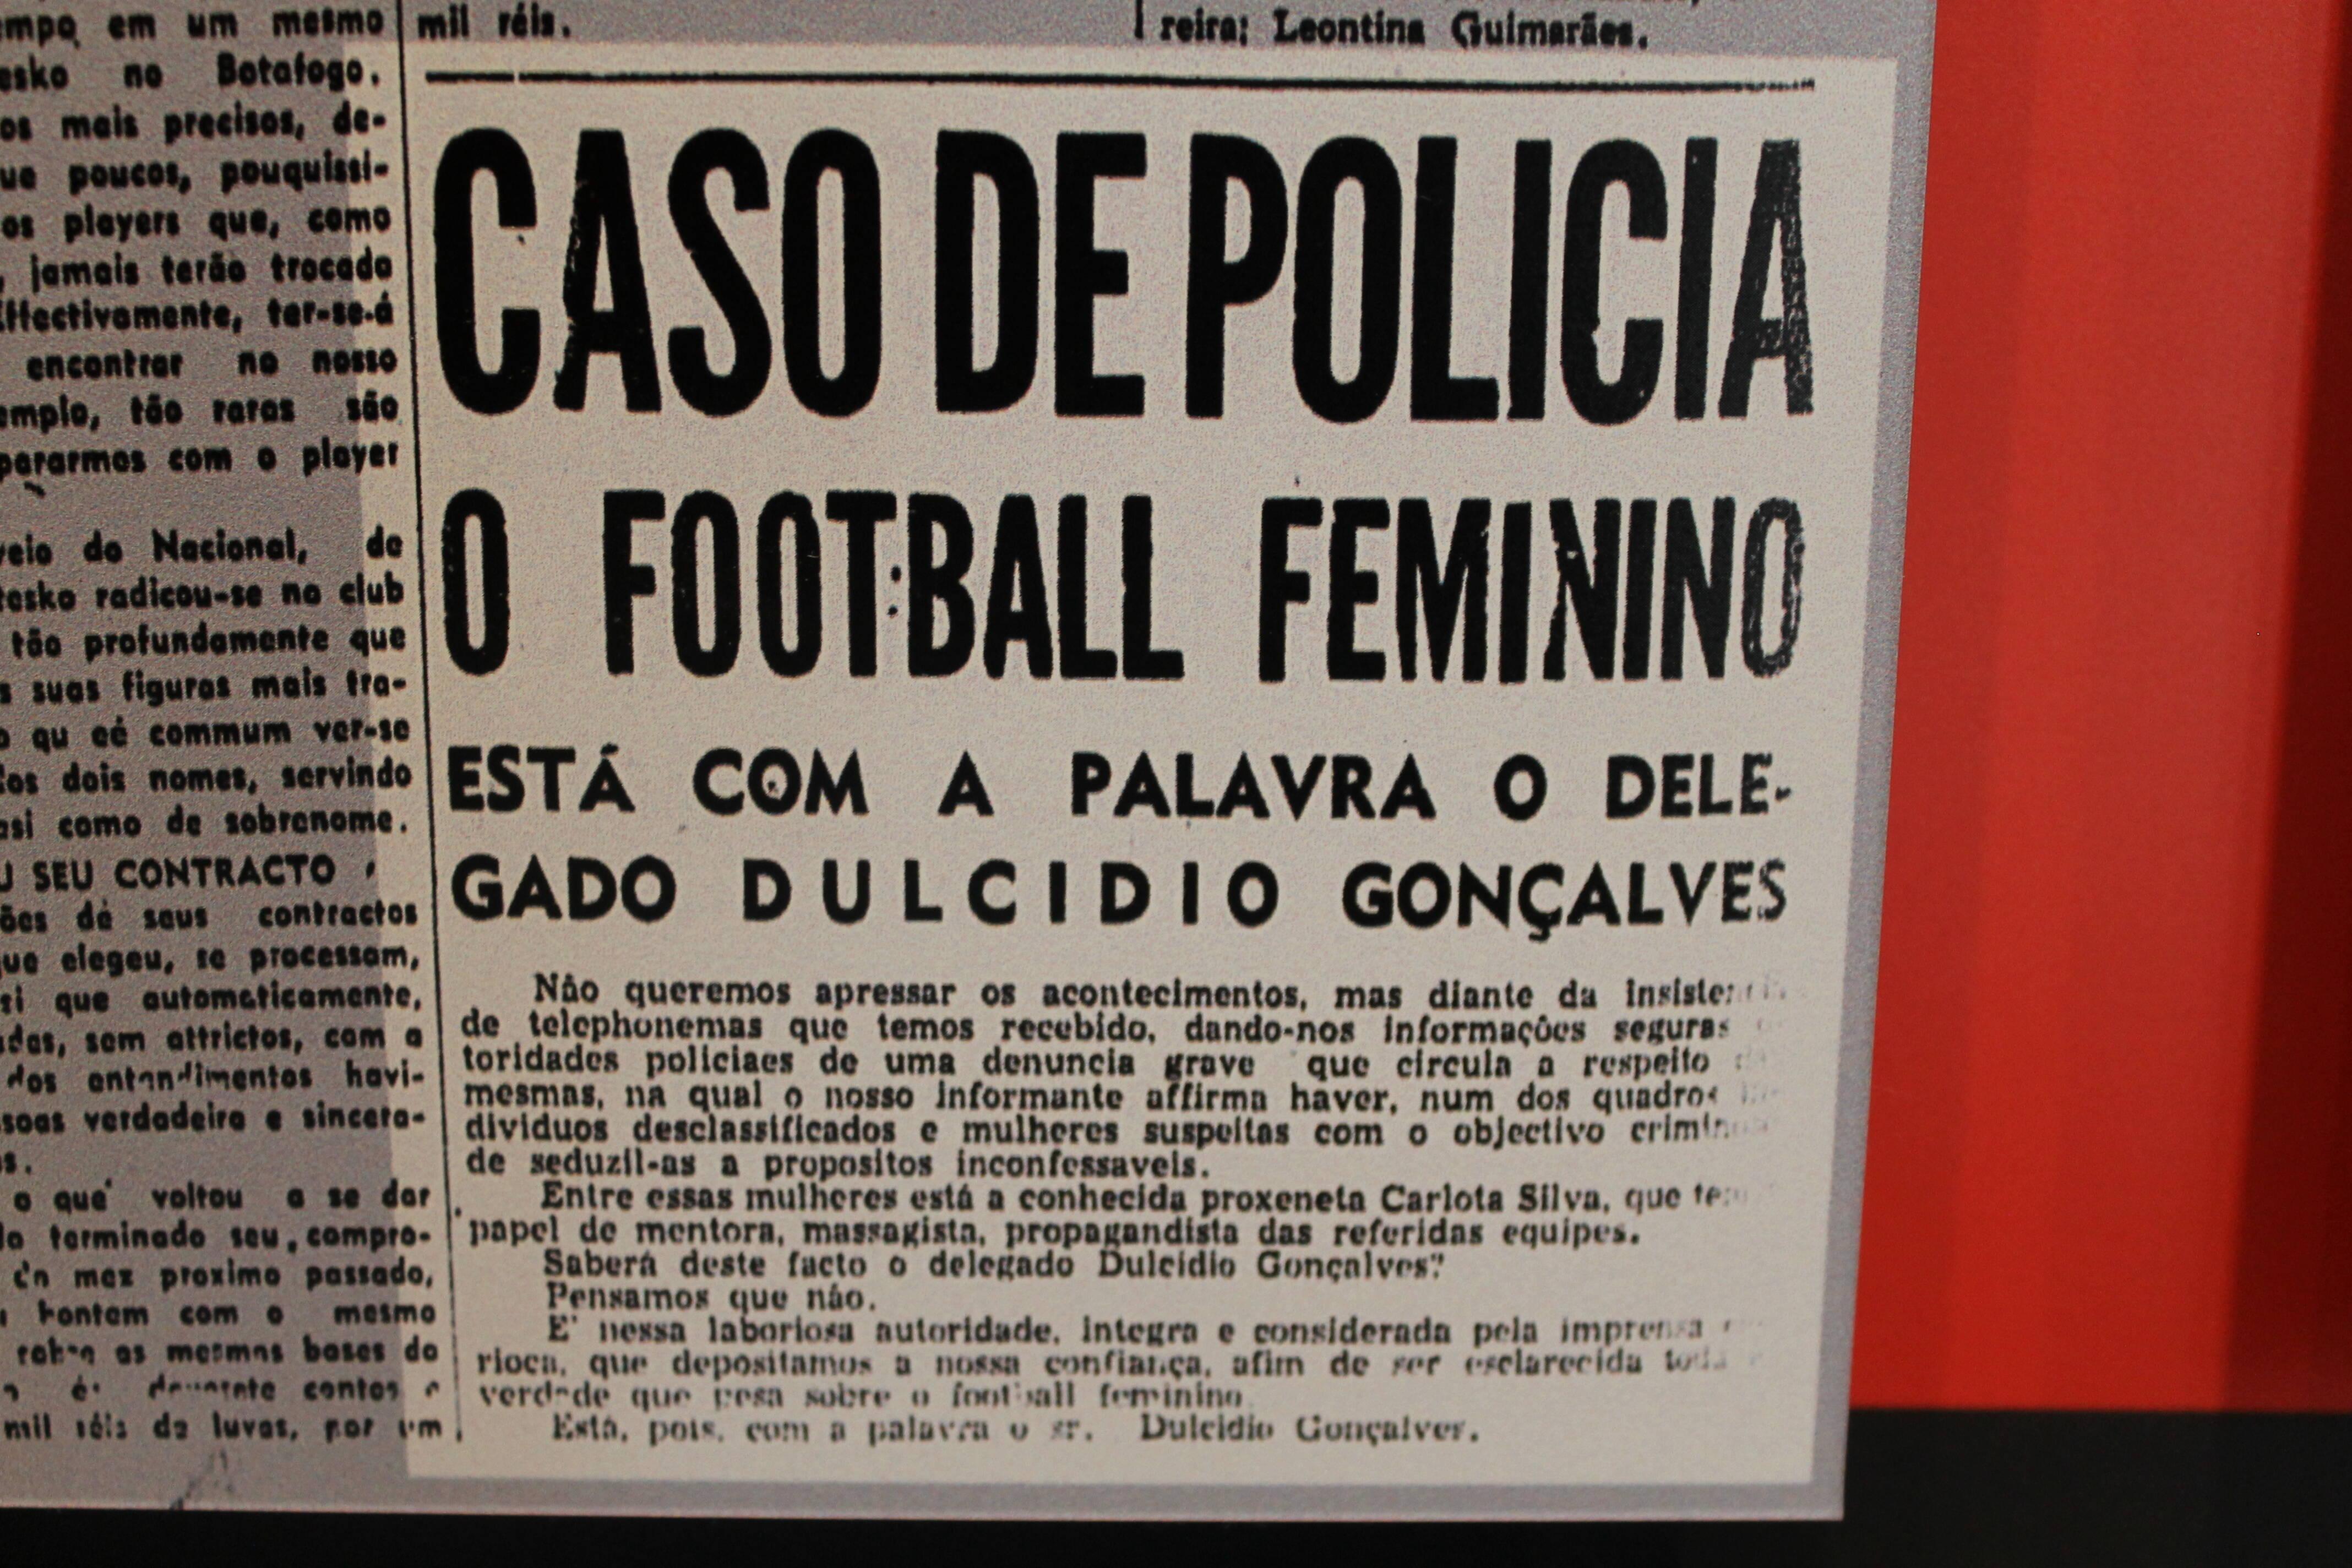 Até a polícia apareceu nas manchetes dos jornais brasileiros para ilustrar que o futebol feminino era proibido. Foto: Flavia Matos/ IG